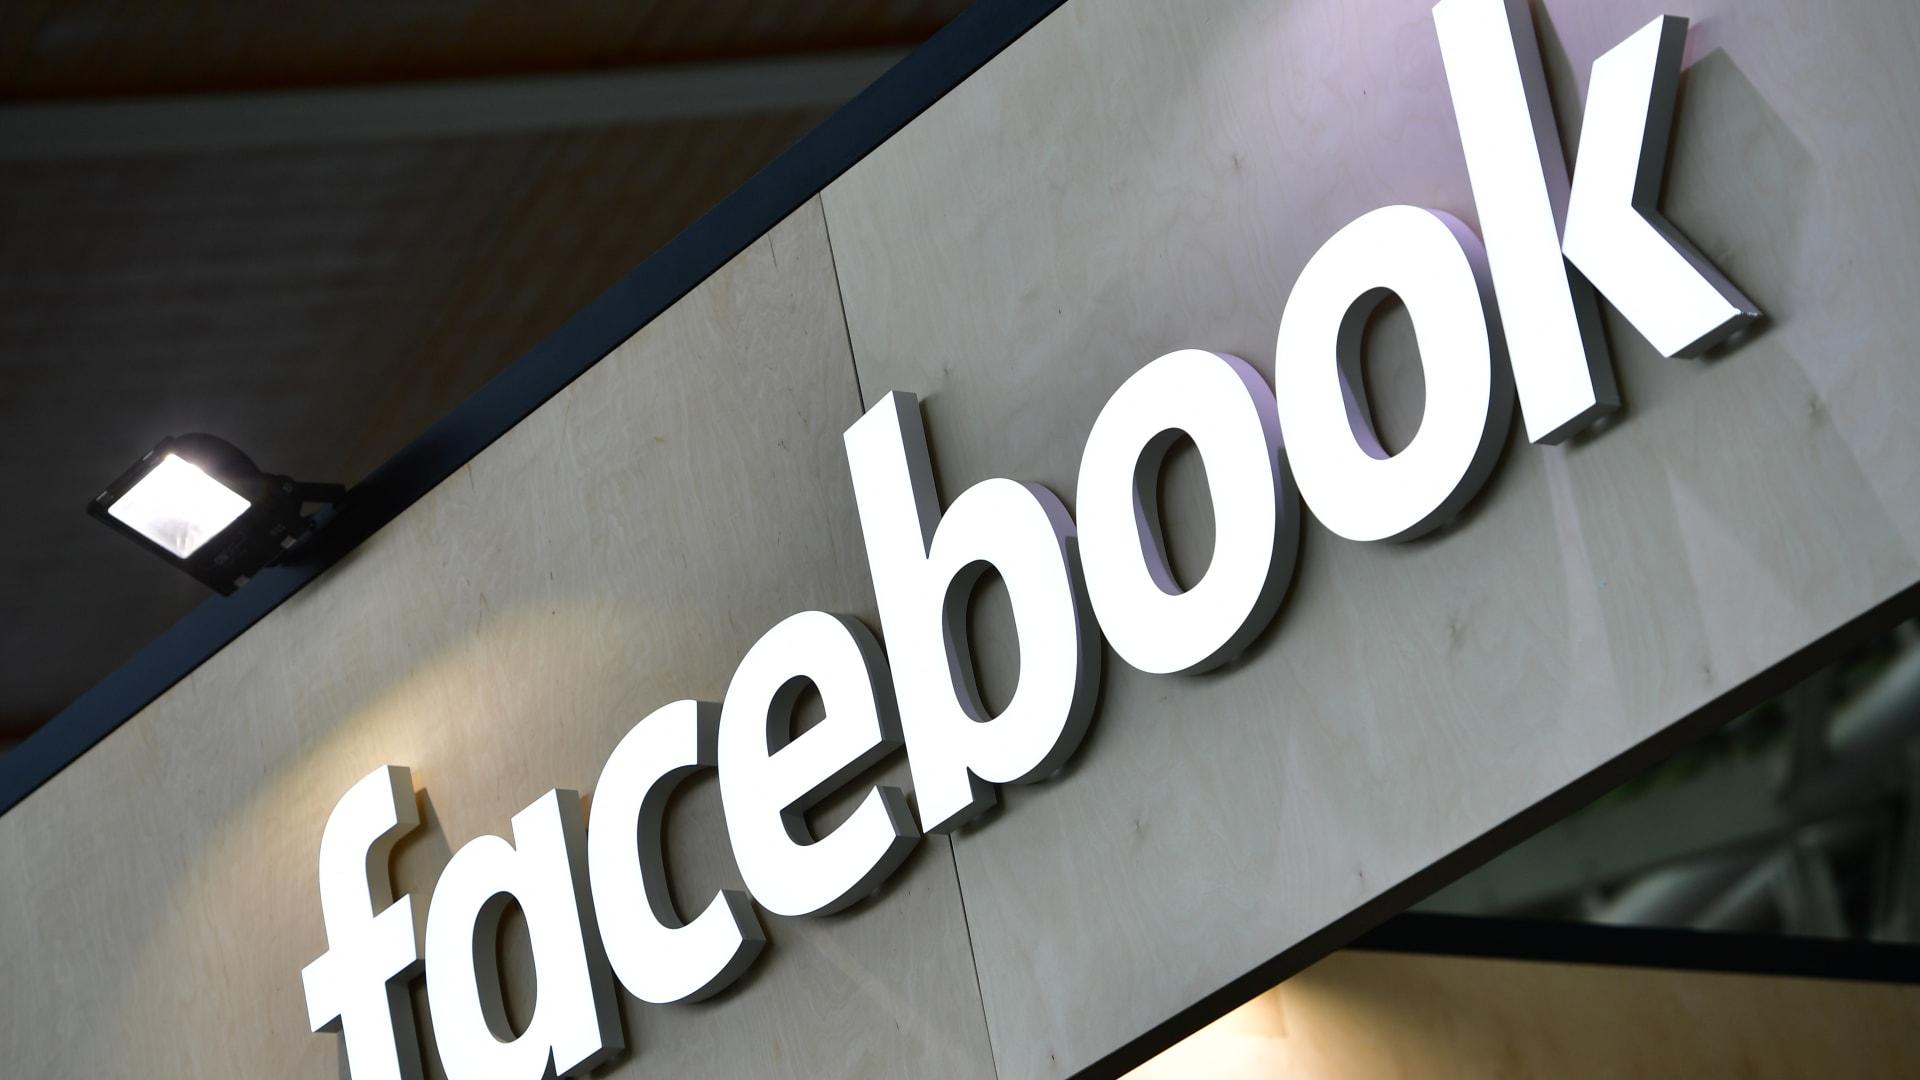 قاض فيدرالي يرفض دعوى الحكومة الأمريكية ضد فيسبوك.. وسهم الشركة يصل إلى مستوى قياسي